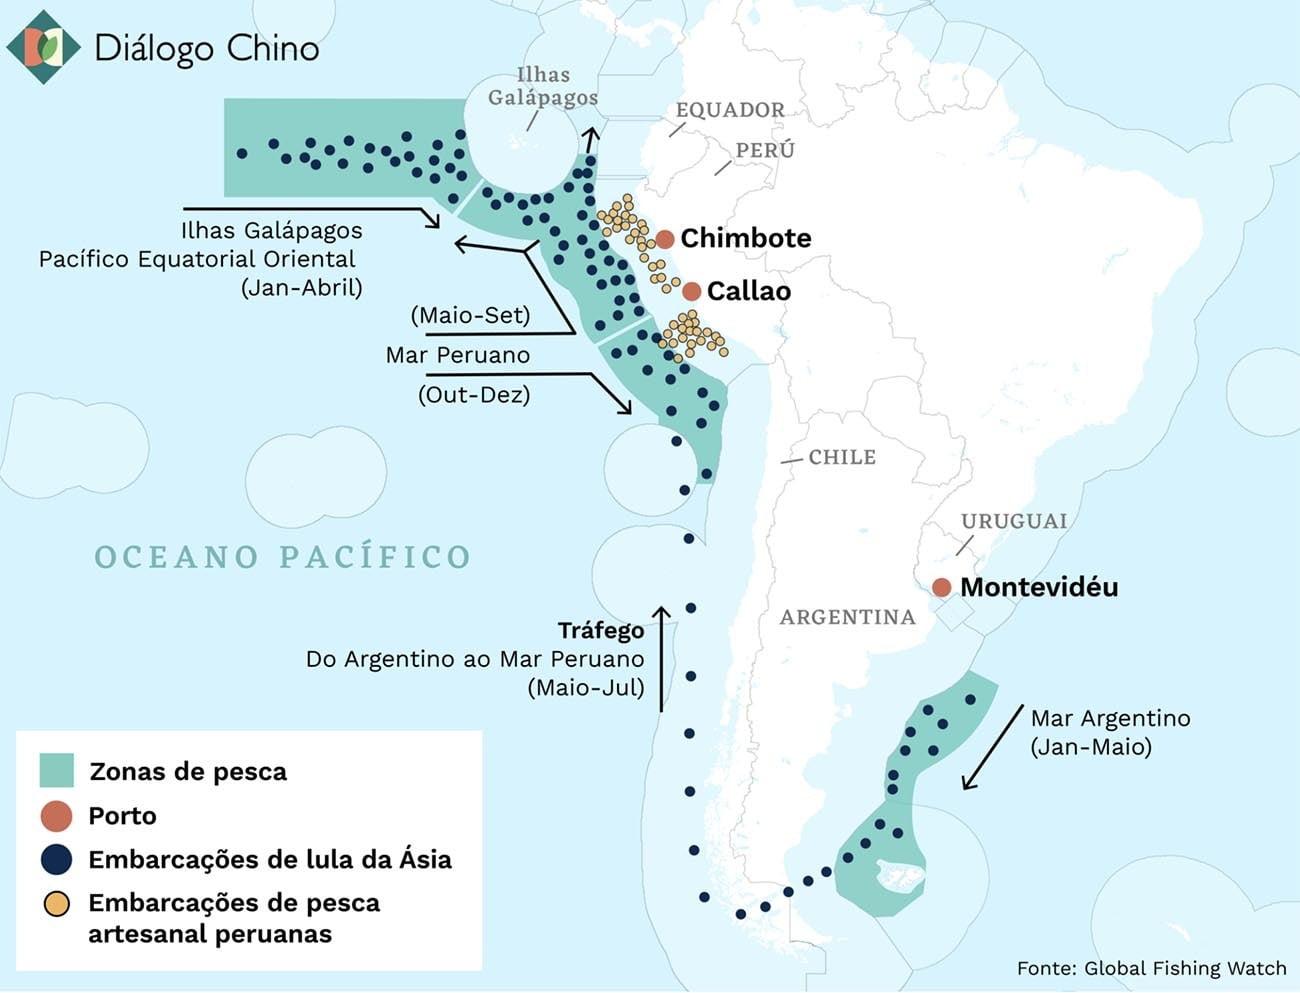 Infográfico mostra rota da frota de pesca da China no Atlântico e Pacífico Sul.